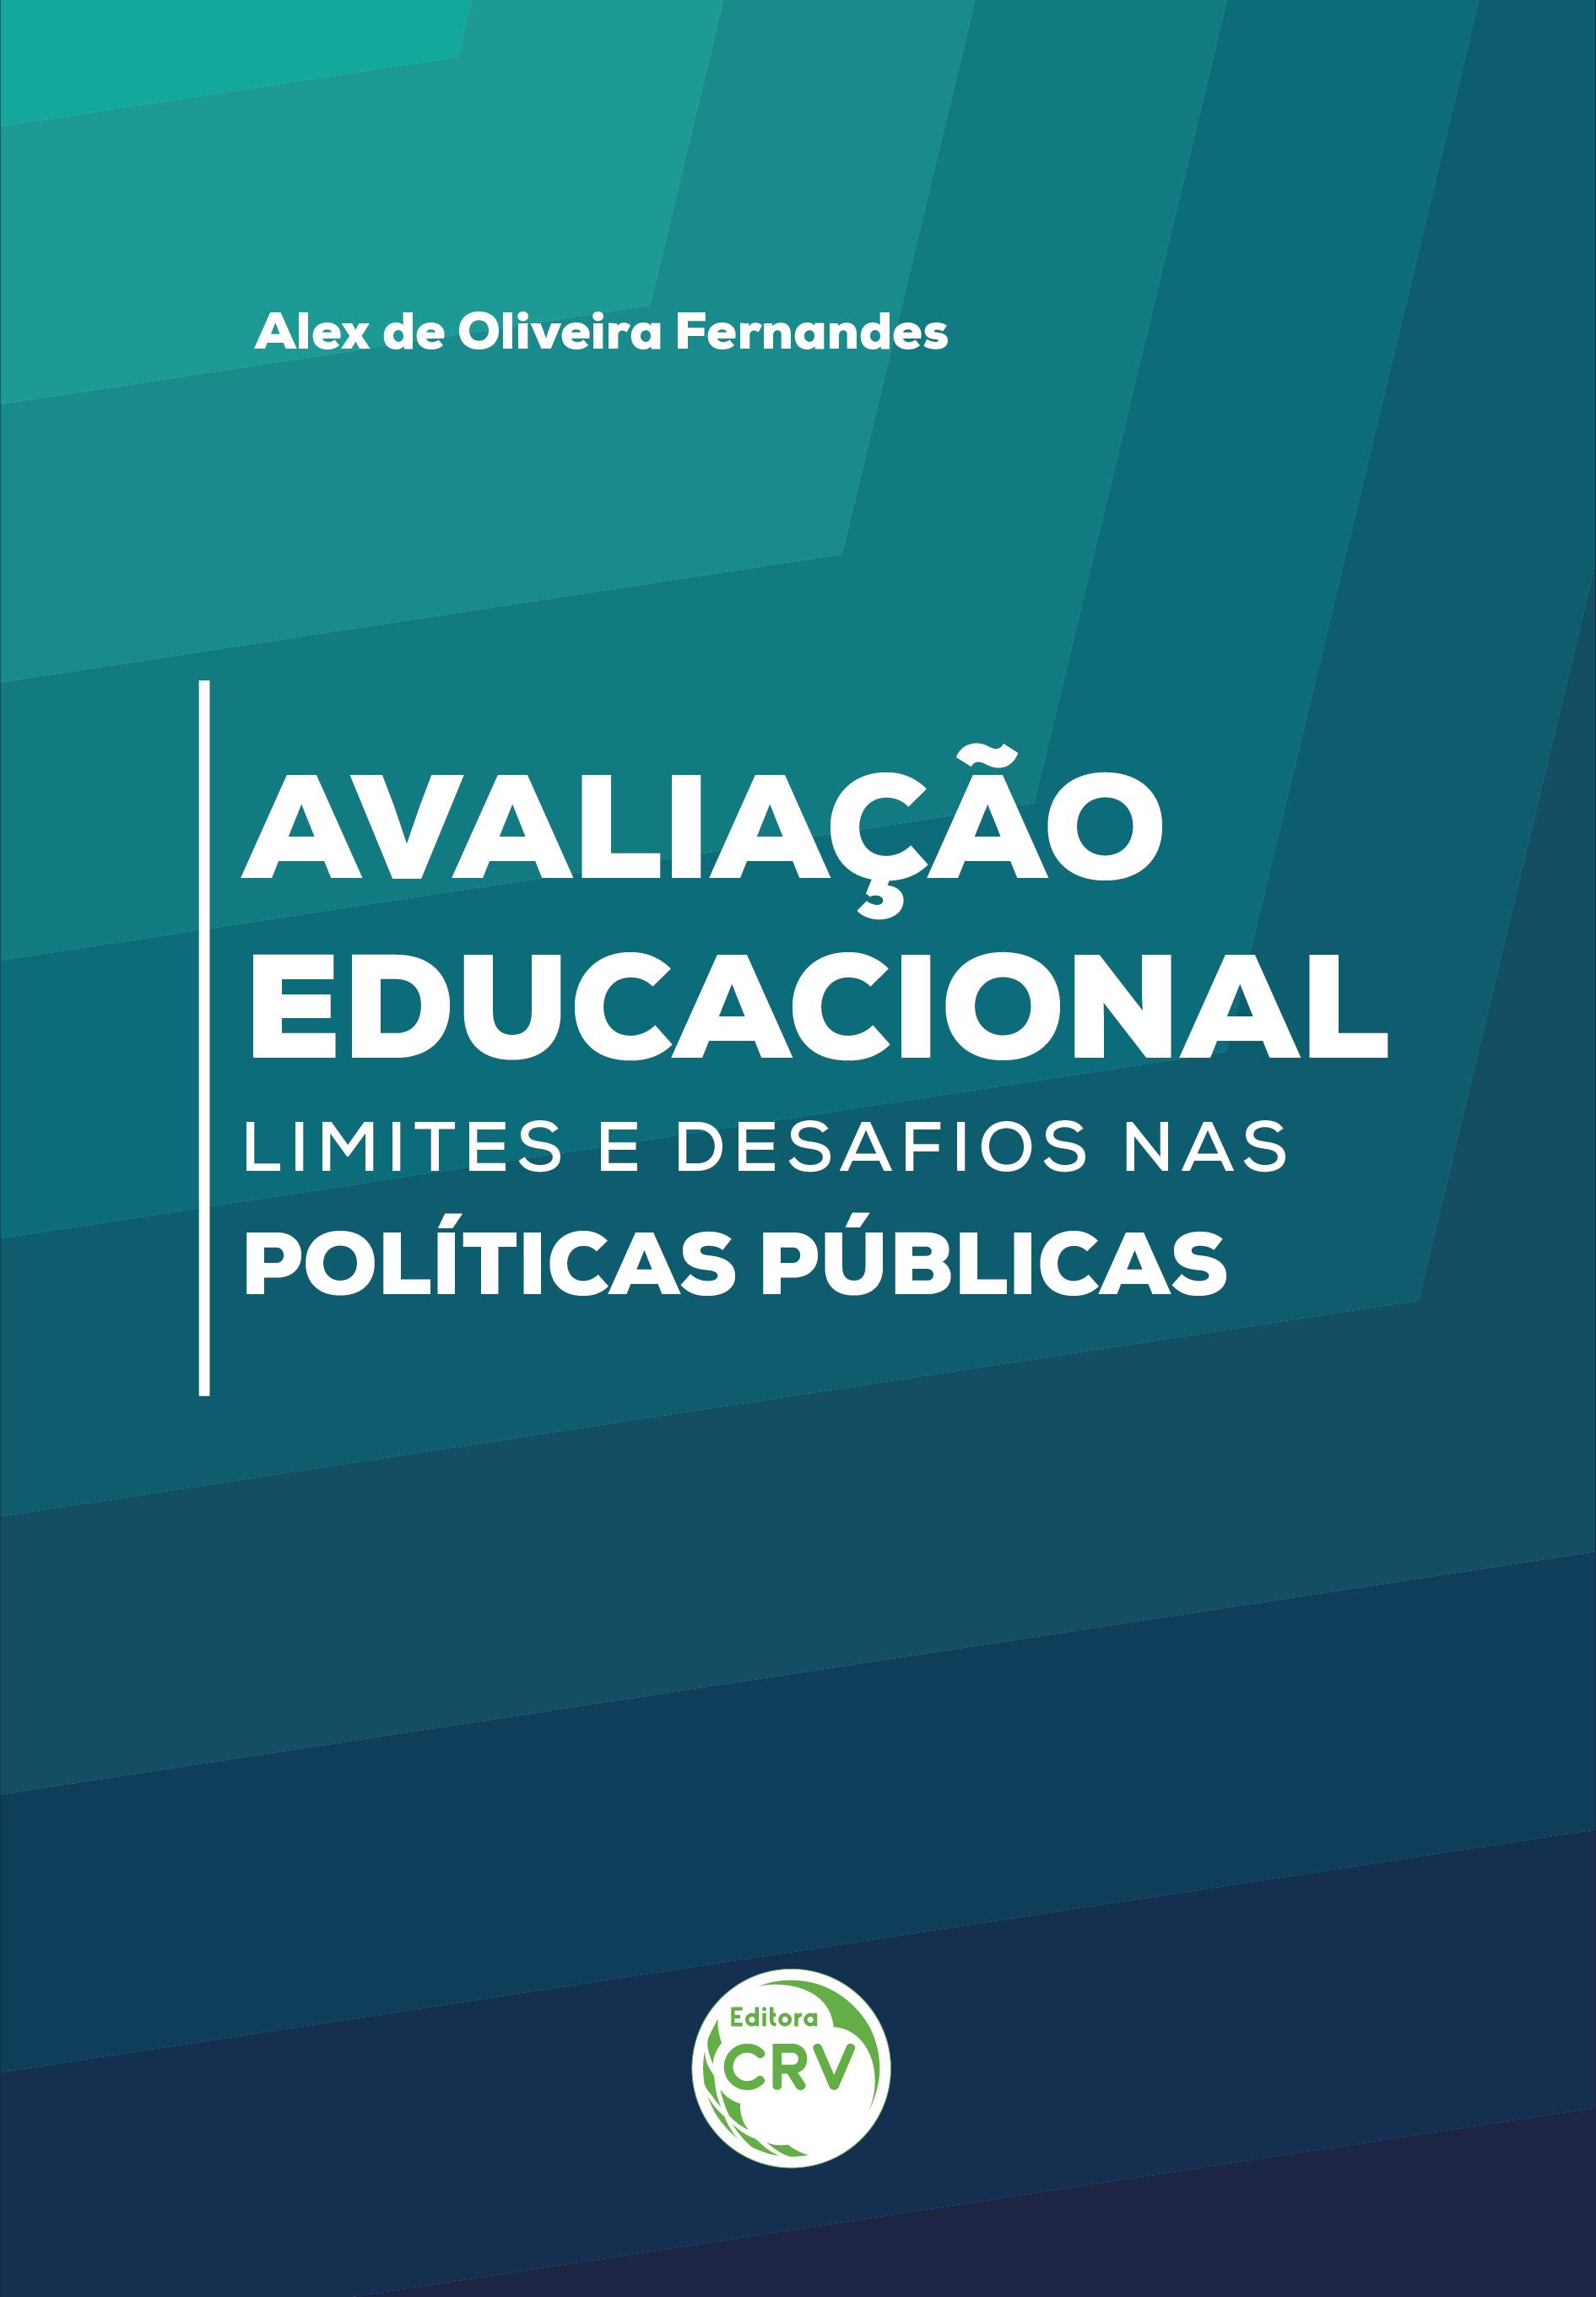 Capa do livro: AVALIAÇÃO EDUCACIONAL:<br> limites e desafios nas políticas públicas